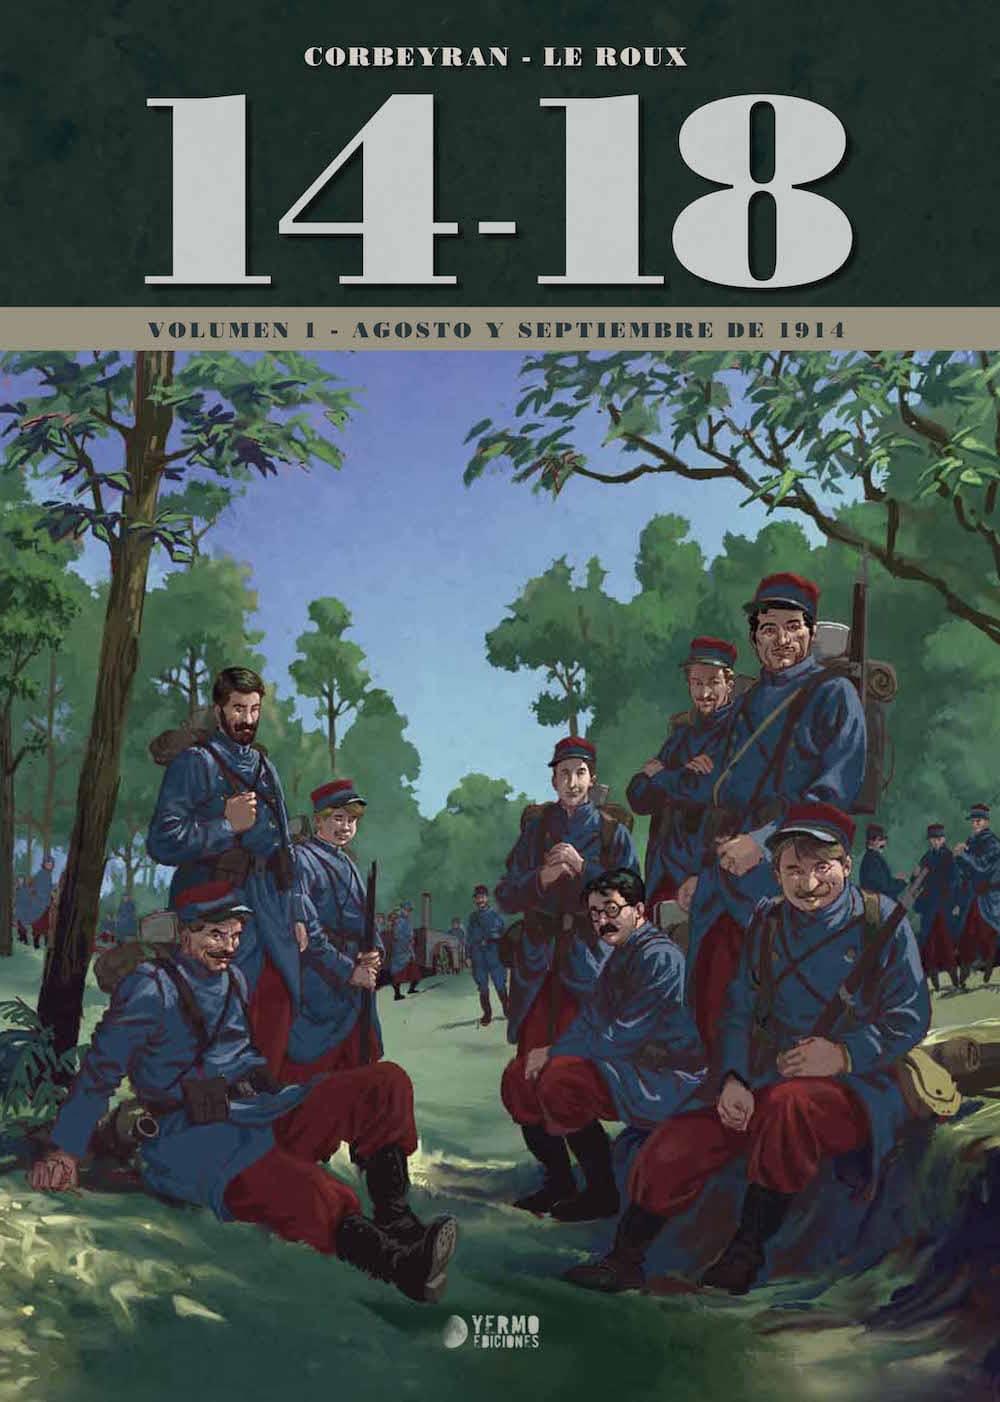 14-18 VOL. 1 (AGOSTO Y SEPTIEMBRE DE 1914)